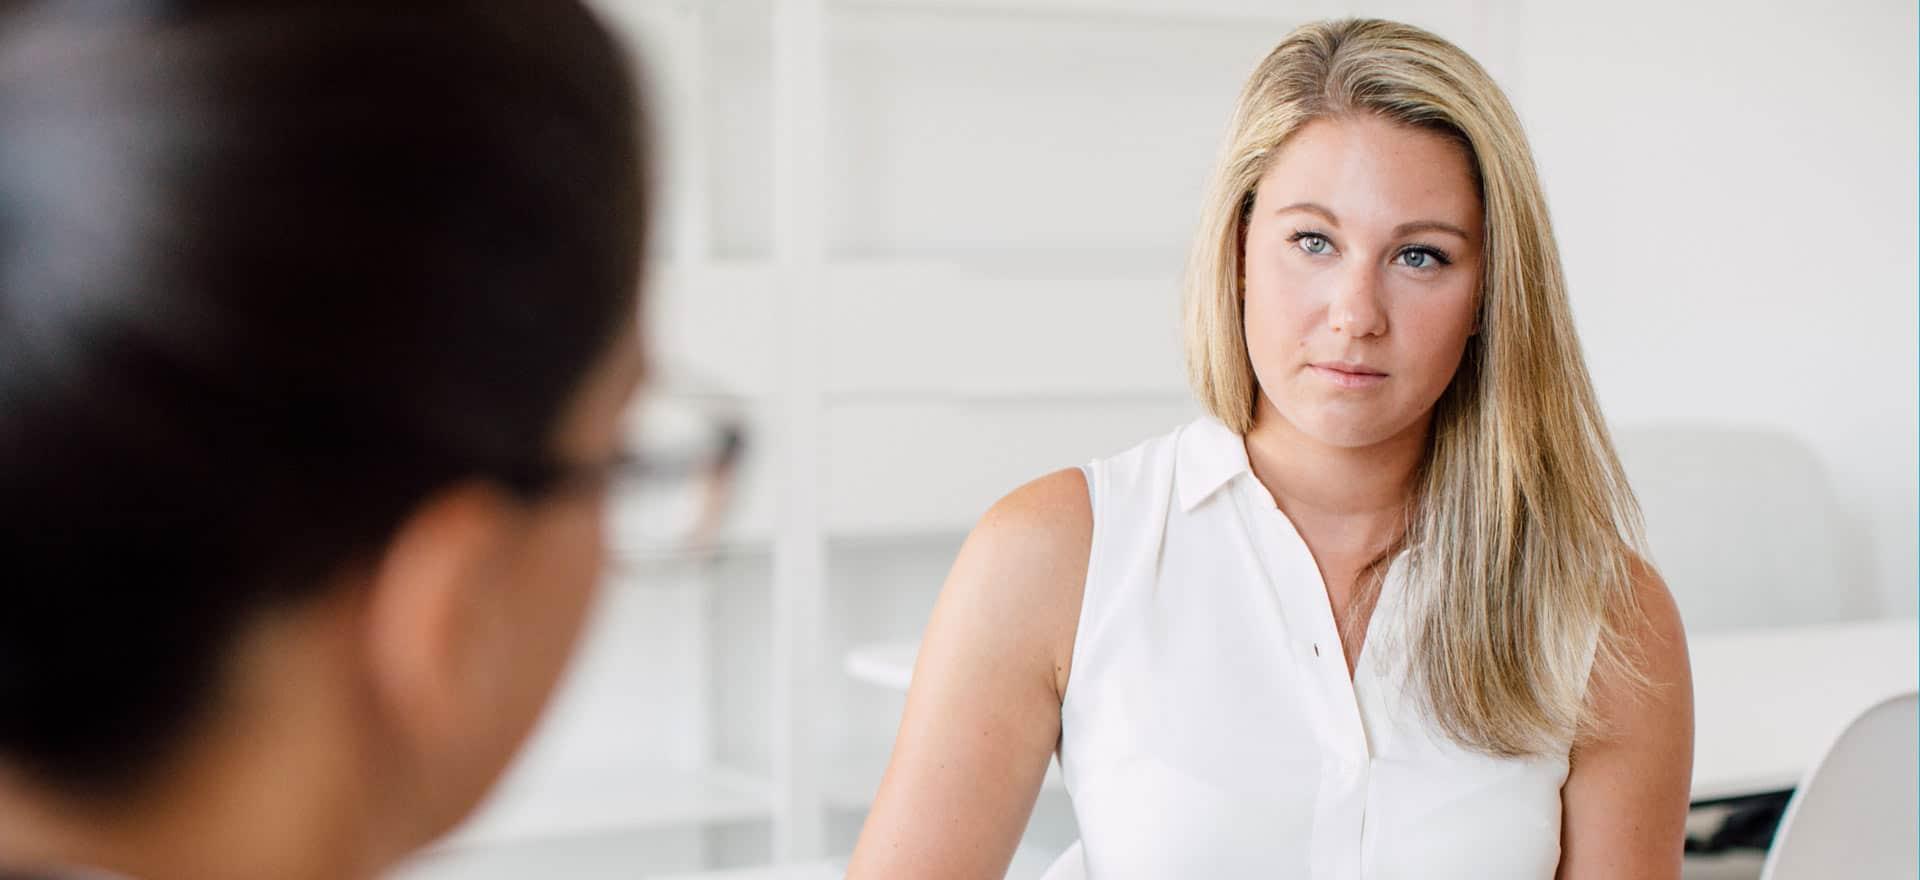 carolina-popinger-psychotherapie-psychotherapeutin-medsyn-1190-wien-paartherapie-burnout-schmerztherapie-depressionen-chronische-schmerzen-stressbewaeltigung-belastungsstoerungen-slgroß